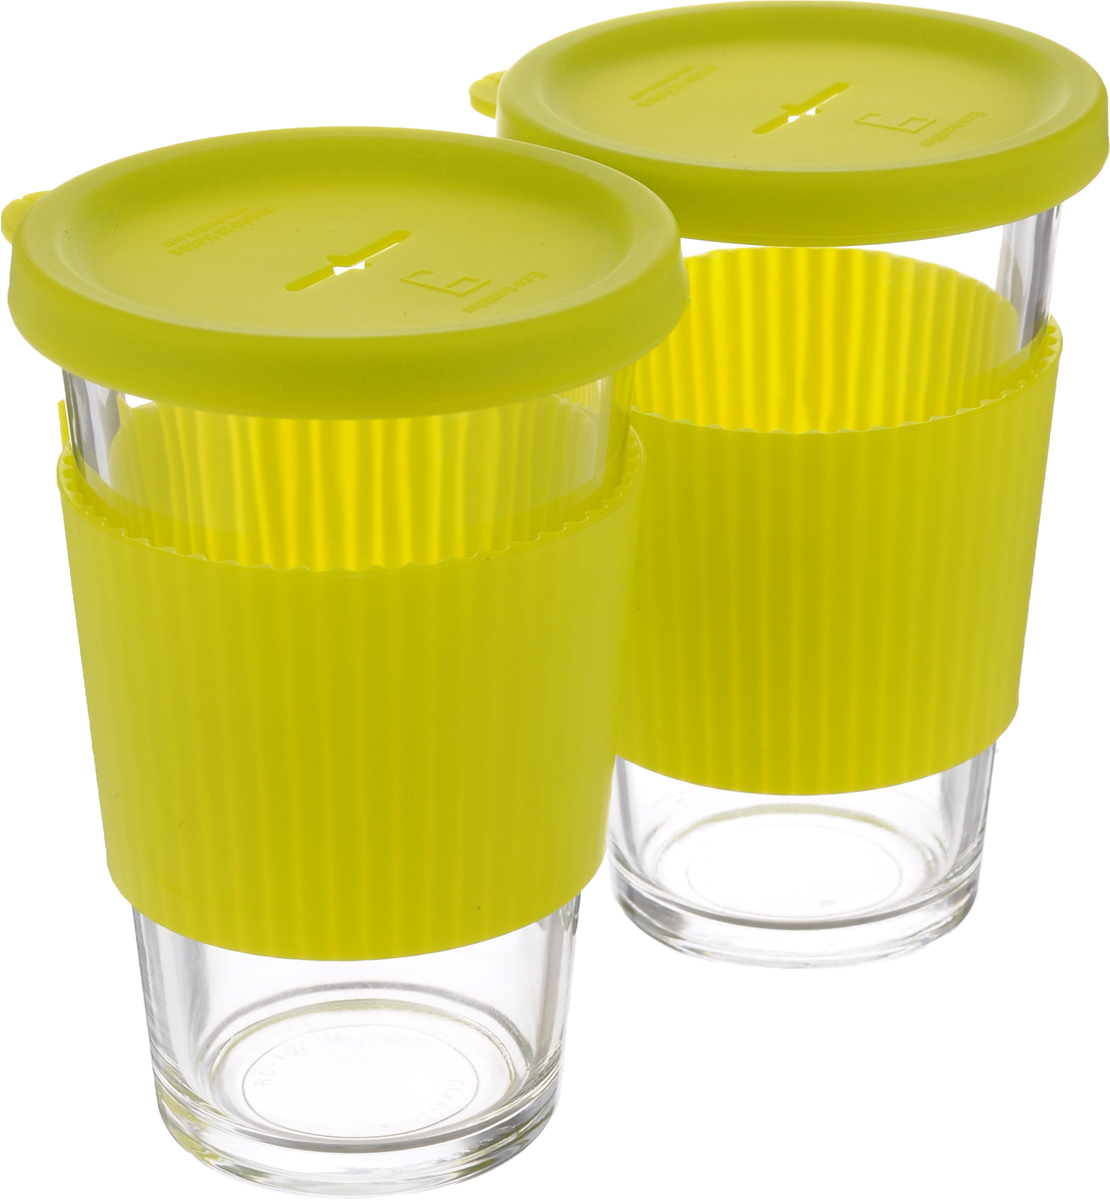 Набор стаканов Glasslock, с крышкой, цвет: прозрачный, желтый, 2 предмета, 380 мл8202-PNНабор стакан Glasslock изготовлен извысококачественного термостойкого стекла иснабжен крышкой. Силиконовая крышка имеет отверстие для подвешивания пакетика чая. Использованный пакетик после завариванияудобно положить на крышку. В таком стакане лучше всего заваривать чай и другие оздоровительныенапитки. Стакан имеет силиконовый держатель, дляпредохранения рук от высокой температуры напитка. Стакан Glasslock можно комфортно использовать на работе или вофисе, также взять с собой в путешествие, чтобы вашлюбимый чай был всегда с вами. Можно мыть в посудомоечной машине ииспользовать в микроволновой печи. Стаканы дляхранения напитков в холодильнике иморозильной камере. Не использовать в духовке. Объем стакана: 380 мл. Диаметр стакана (по верхнему краю): 8,5 см.Высота стакана (с учетом крышки): 14 см.